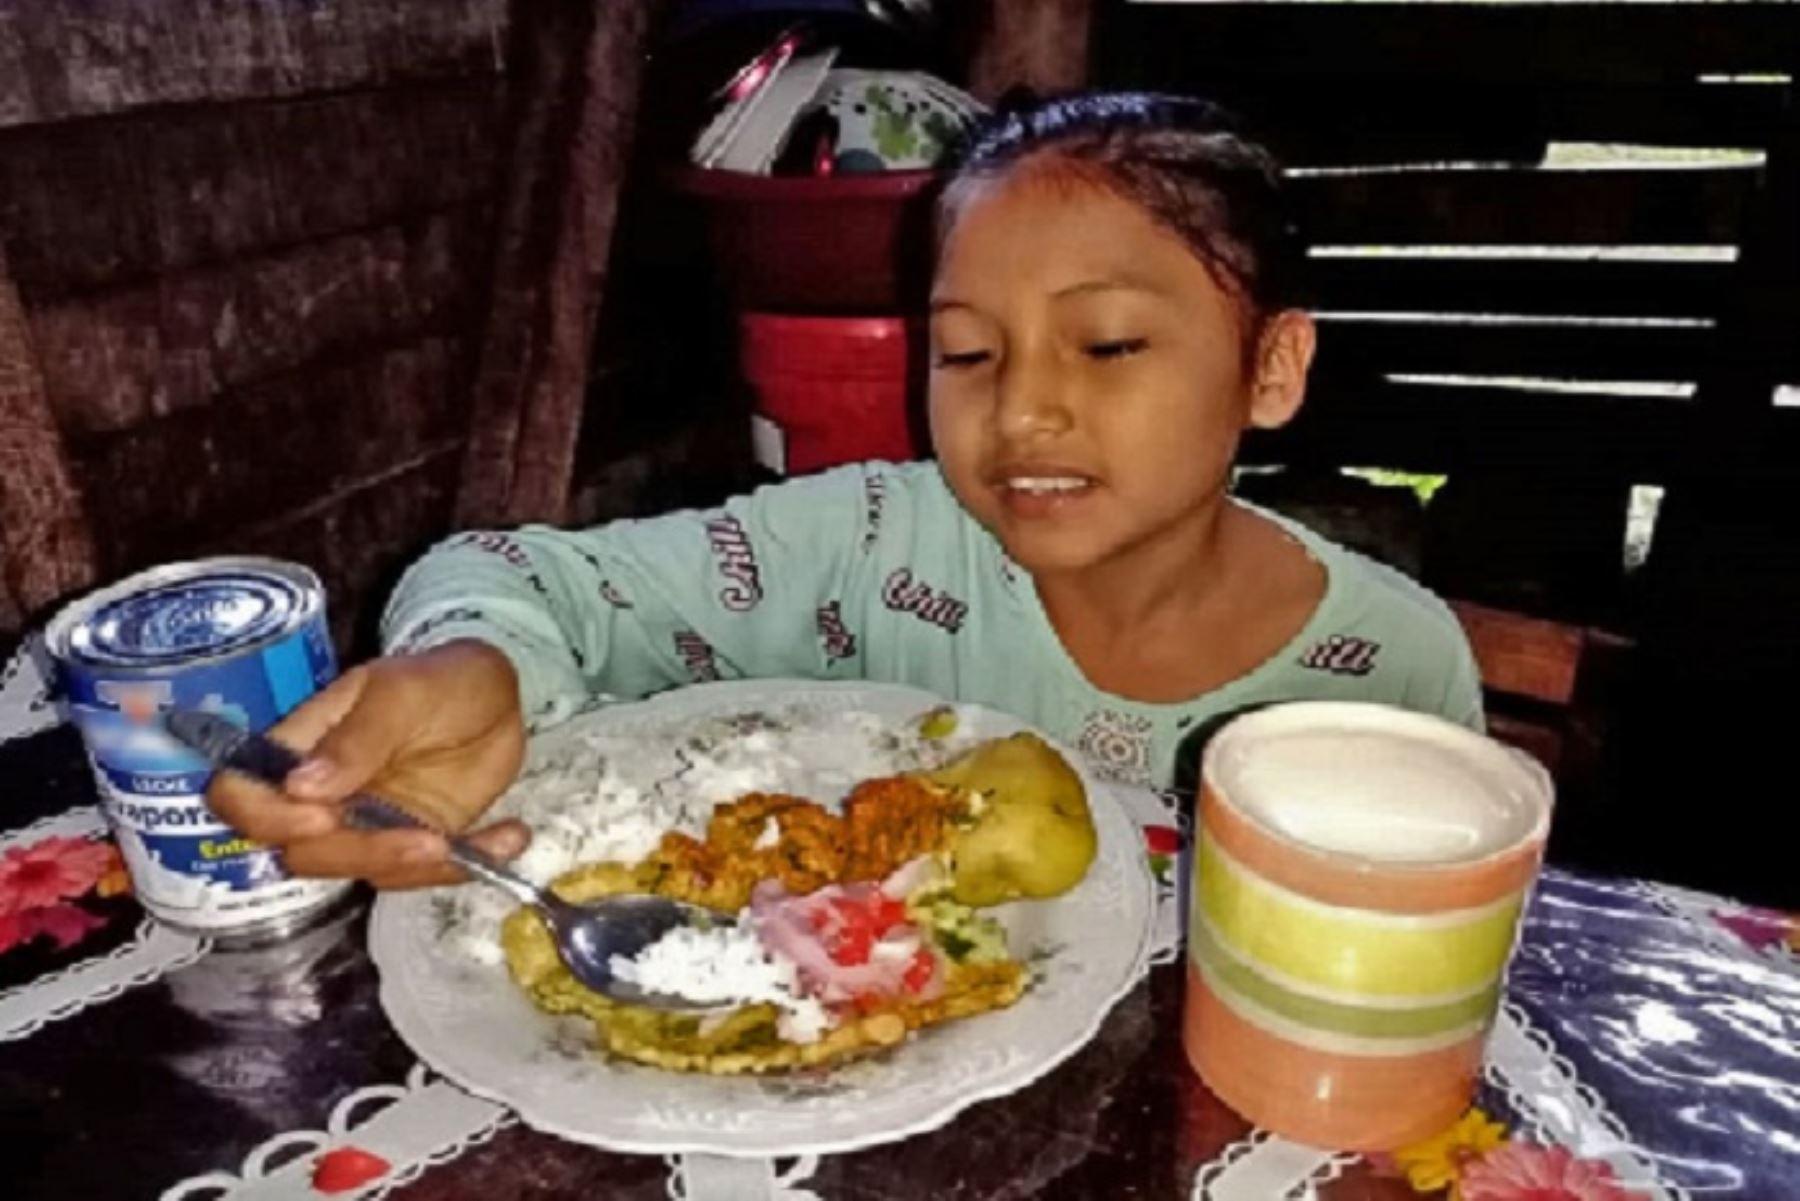 qali-warma-mas-de-57000-escolares-de-pasco-recibieron-alimentos-nutritivos-el-2020